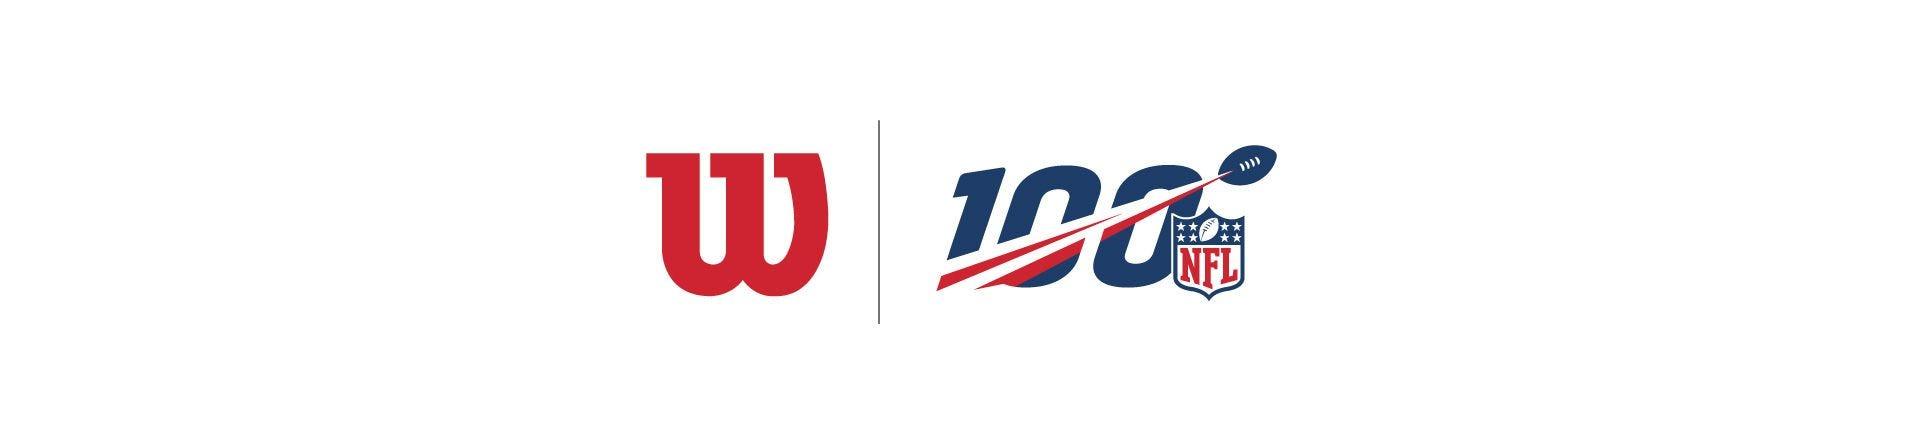 NFL 100 year anniversary